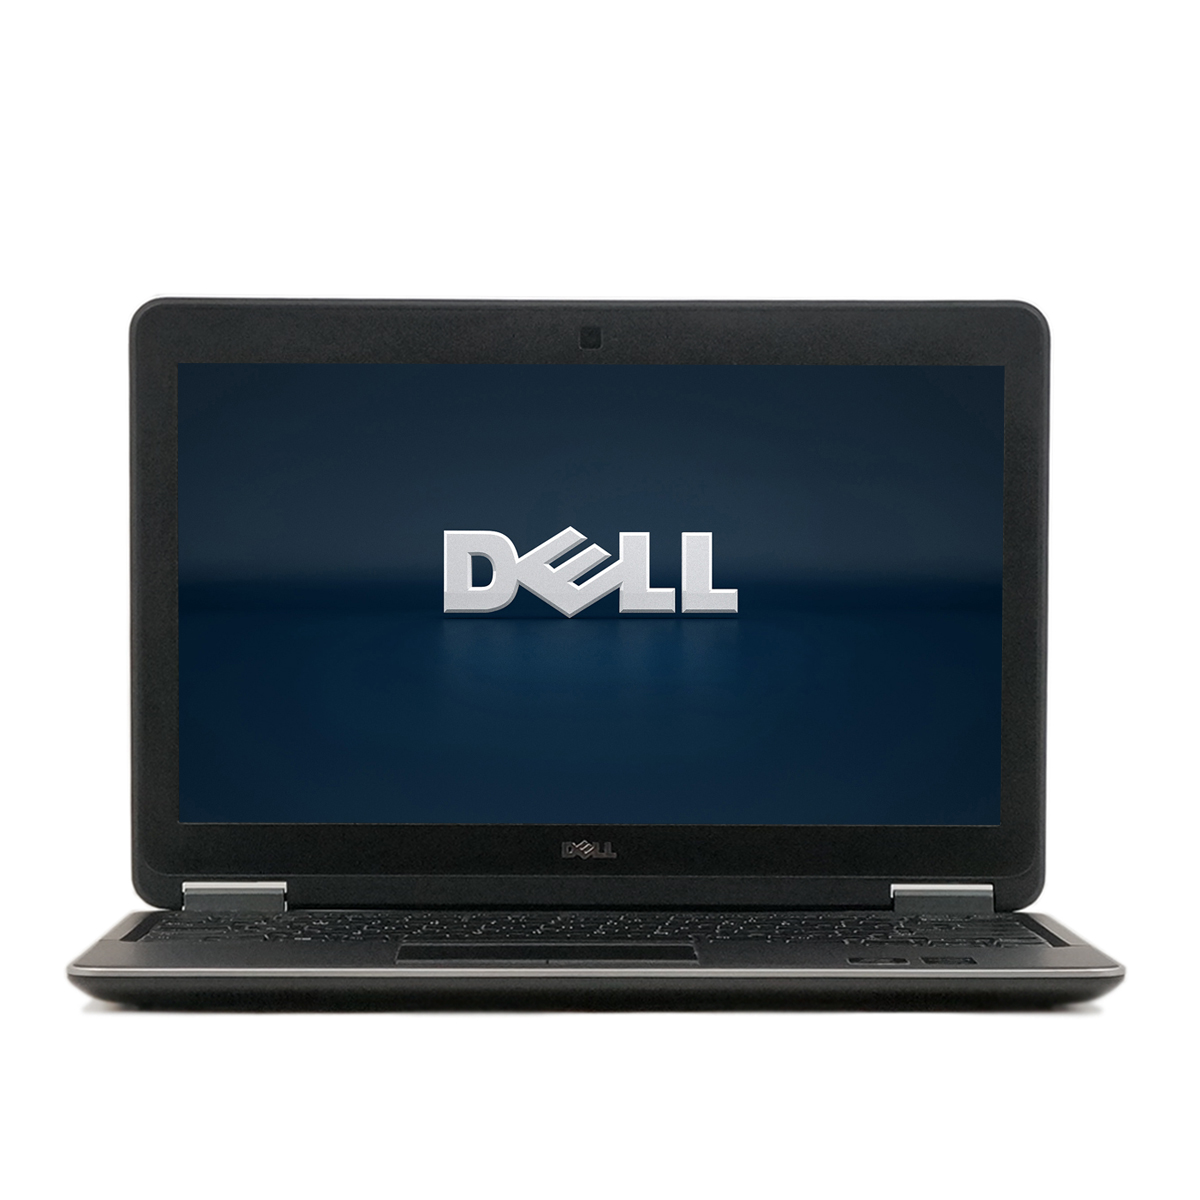 Mint Dell Latitude E7240 Laptop Core i7 4600U 2.1GHz 8GB ...